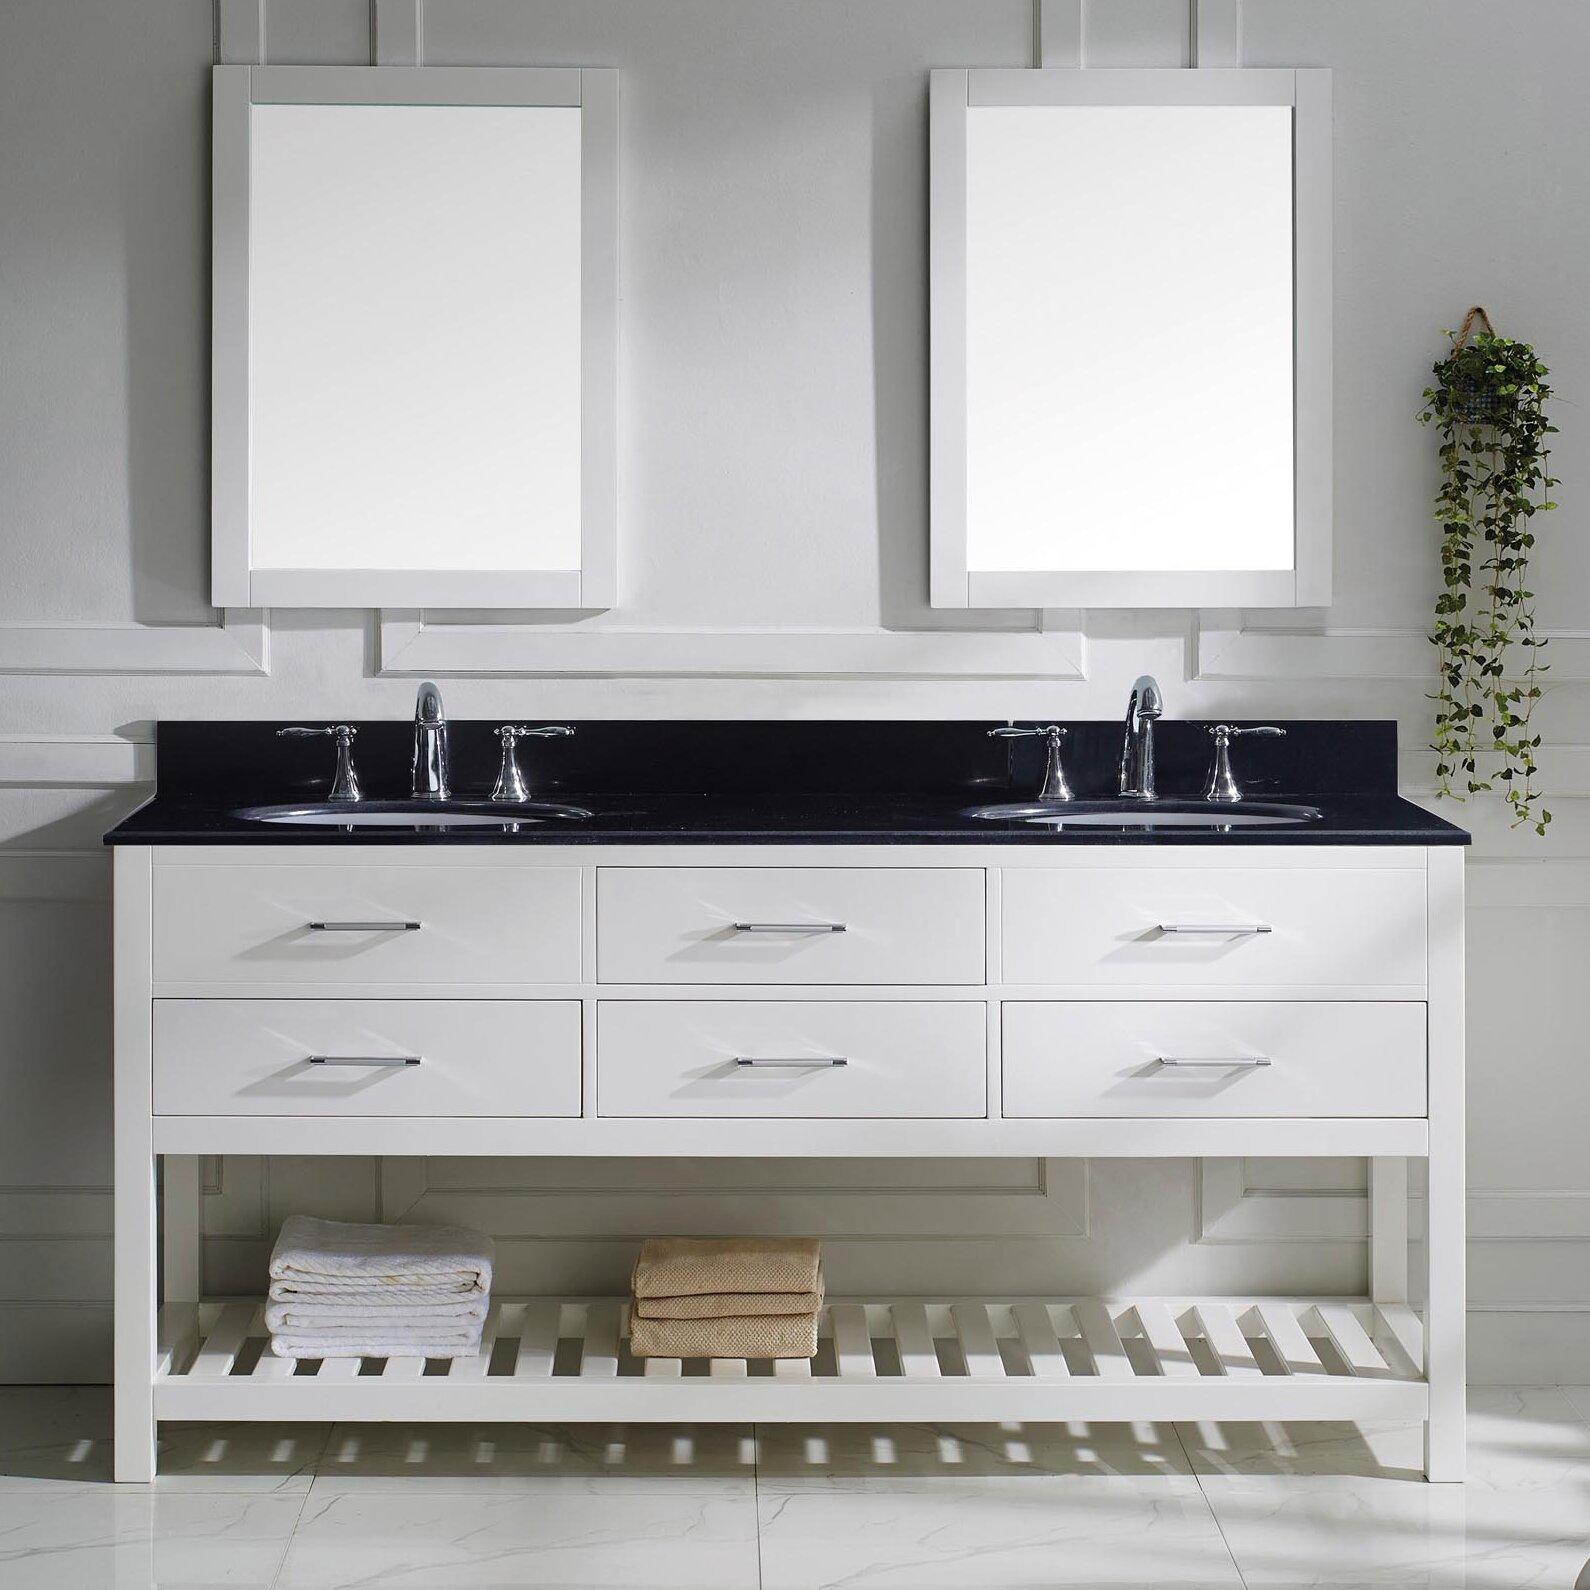 Virtu bathroom accessories - Caroline Estate 73 Double Bathroom Vanity Set With Black Galaxy Top And Mirror